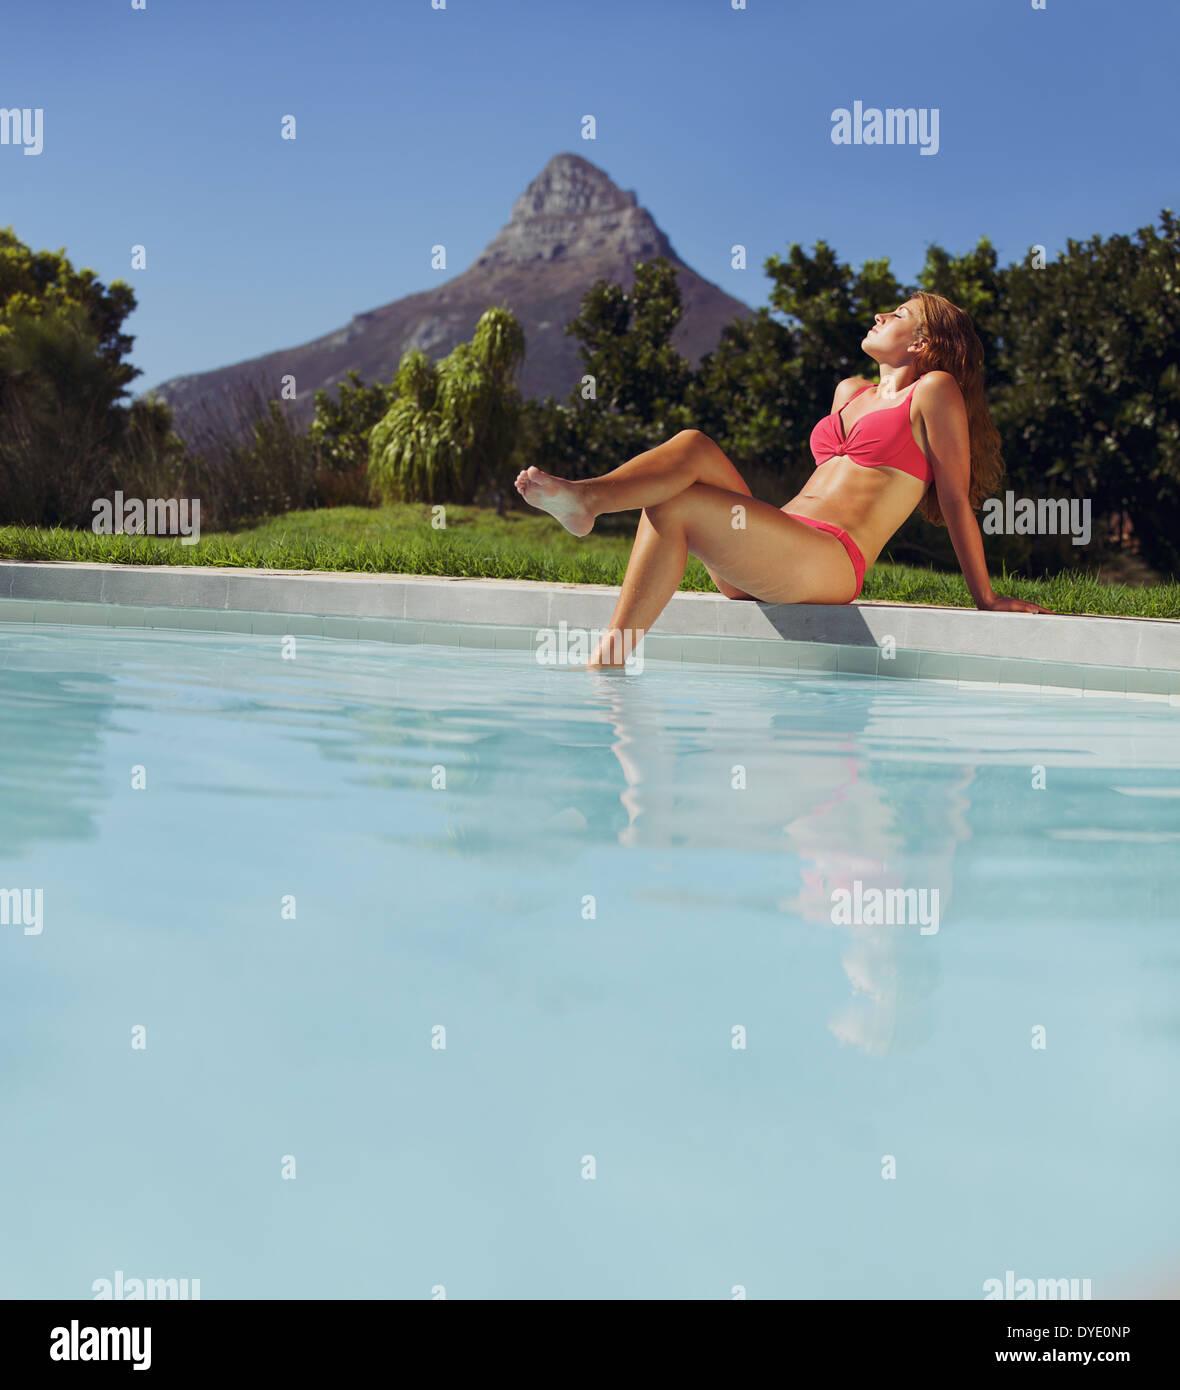 Belle jeune femme assise en piscine et profiter d'un bain de soleil. Portrait modèle féminin en bikini au soleil au bord de la piscine. Photo Stock